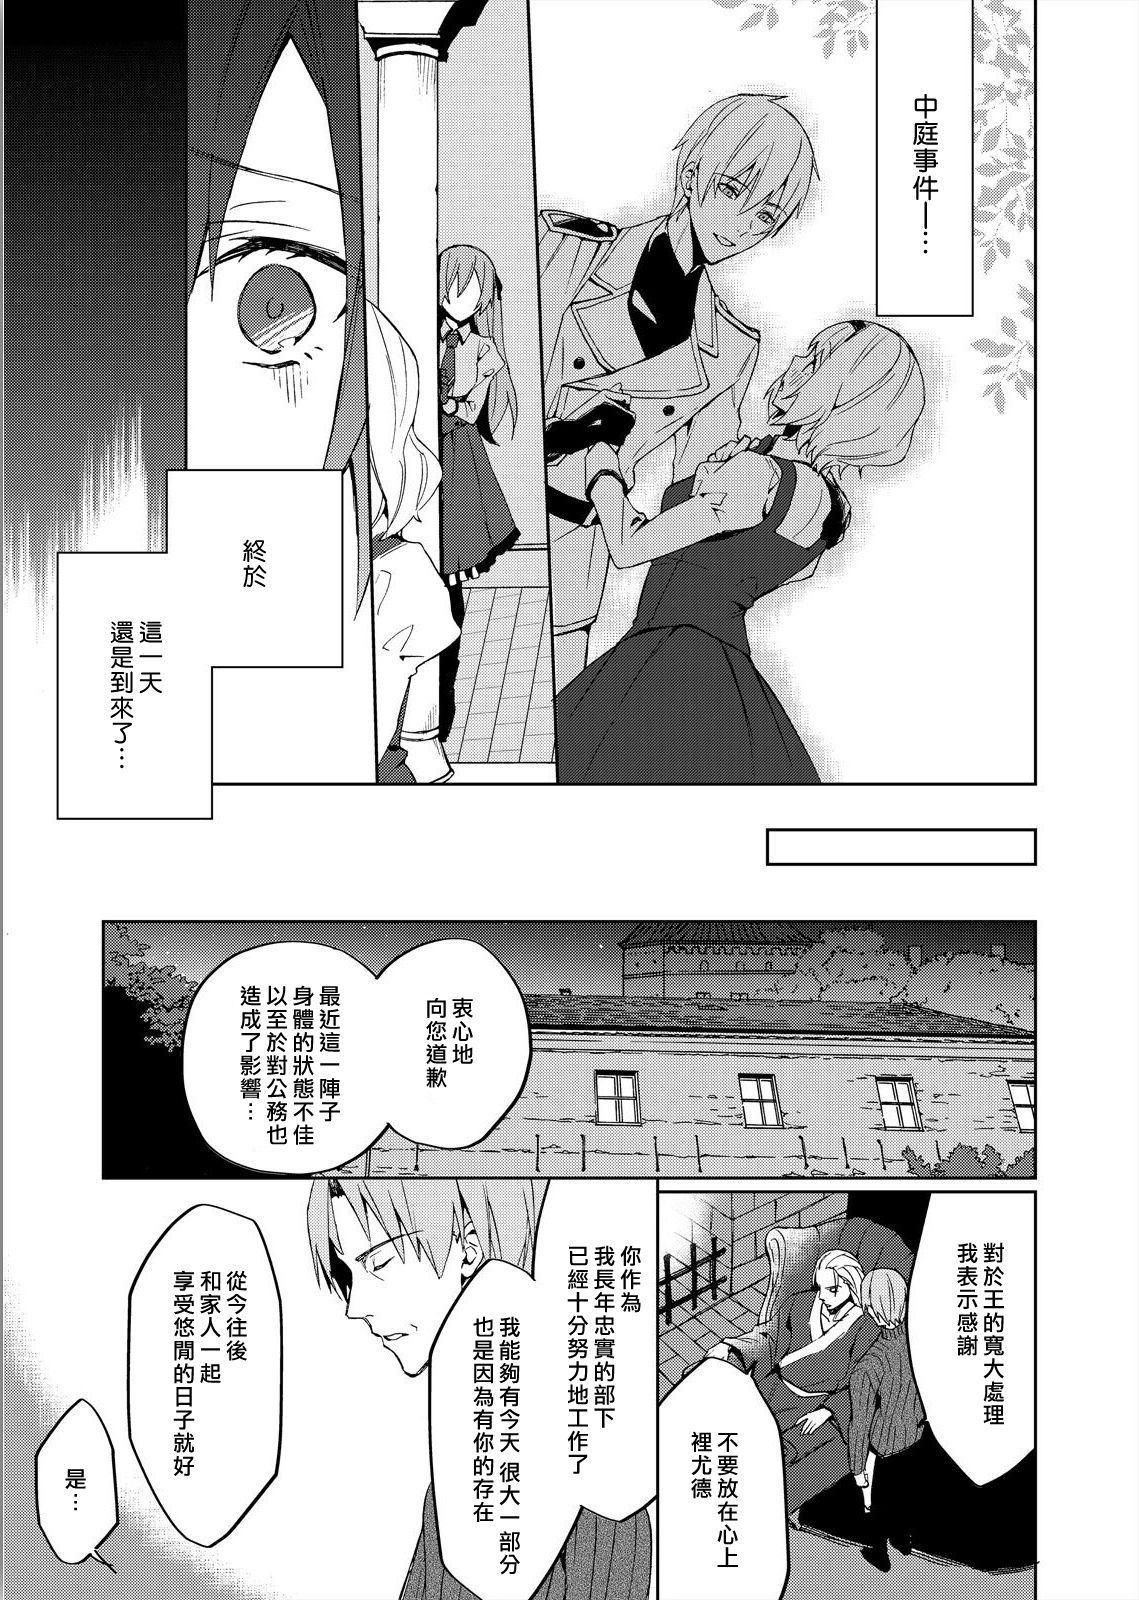 [Yuzushiwo] Akuyaku Reijou wa Ichizu ni Dekiai sarete ~Noumitsu Sex no Aite wa Juuboku~ | 被疯狂溺爱的反派大小姐~浓密性爱对象是仆从~ 1-4 [Chinese] [莉赛特汉化组] 16